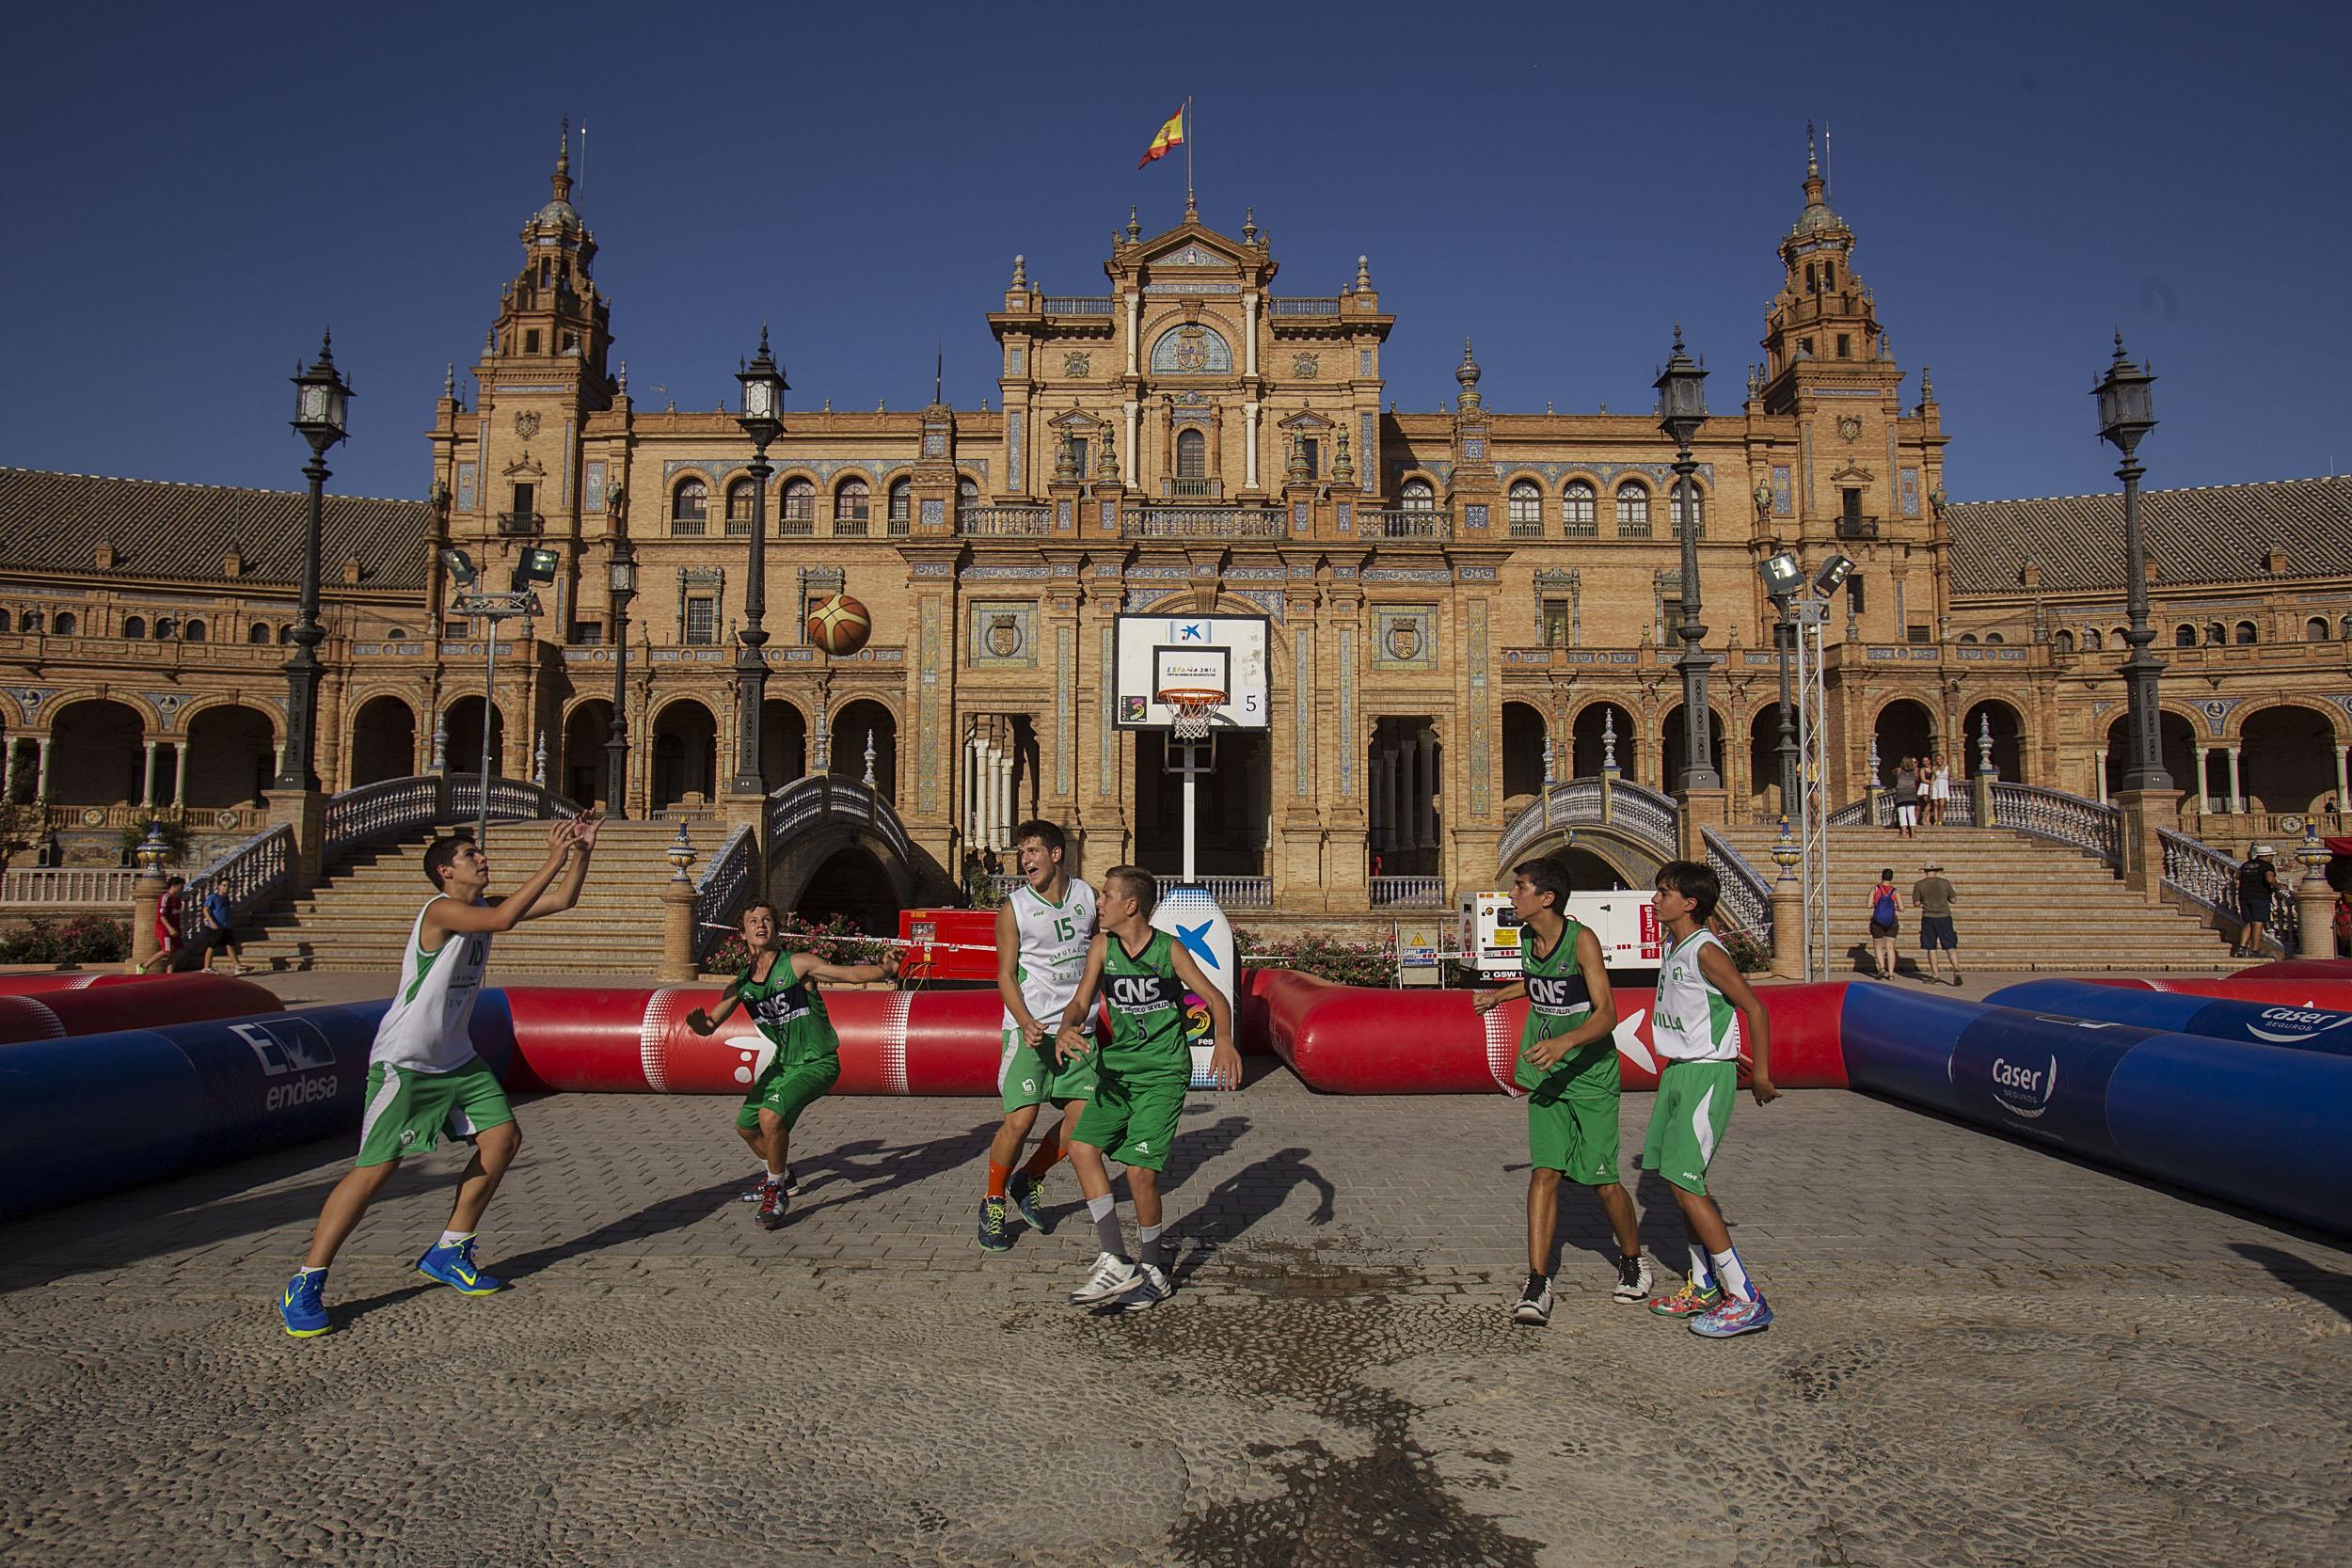 Varios equipos disputan partidos de 3x3 en la Plaza de España en los días previos al Mundobasket. / Pepo Herrera